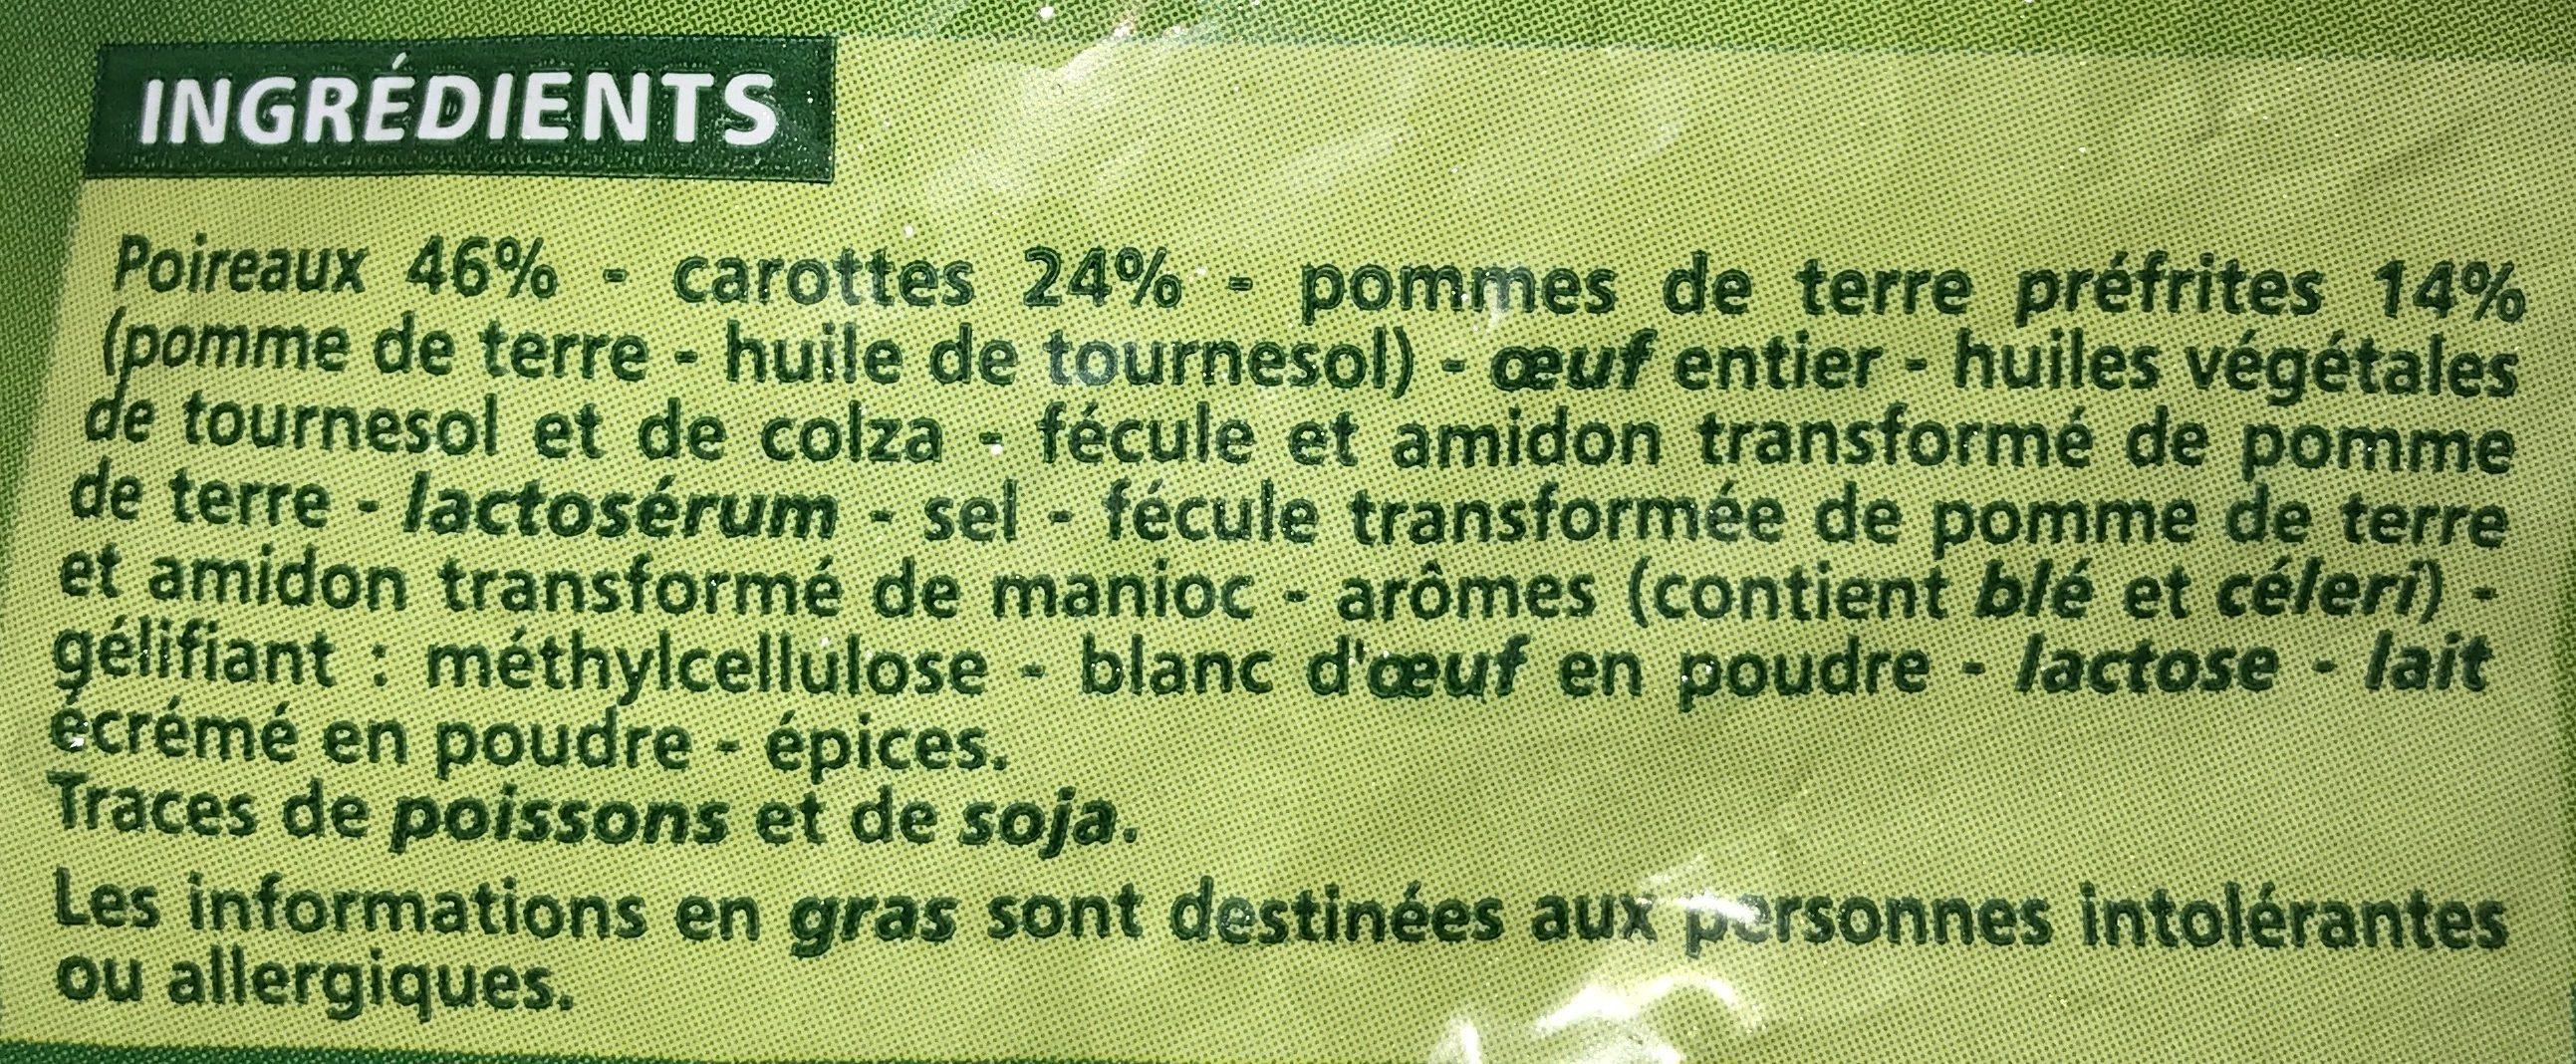 Galettes de légumes Poireaux - carottes - pommes de terre - Ingredients